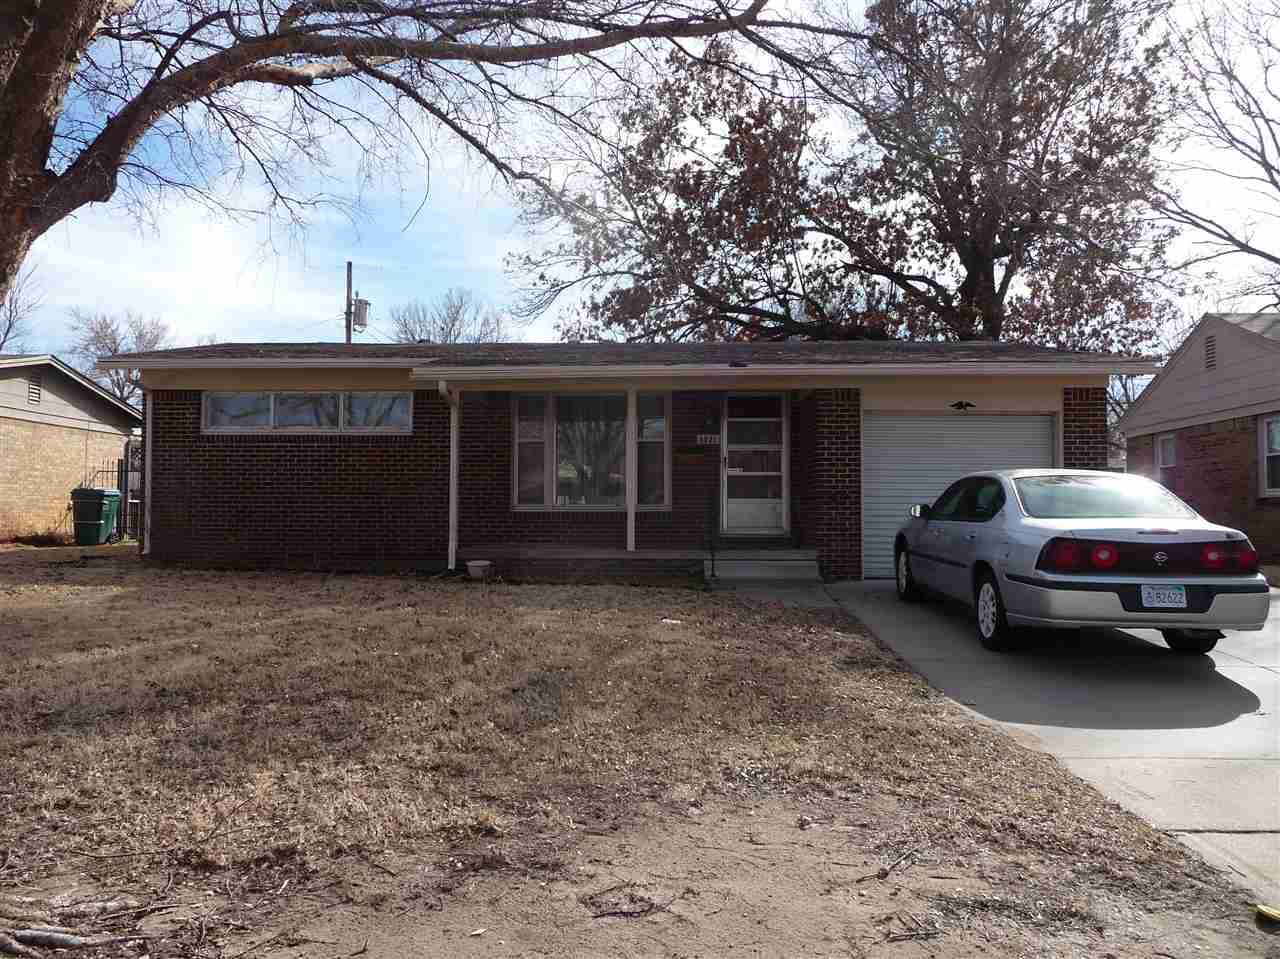 1321 E 31st St. S., Wichita, KS 67216